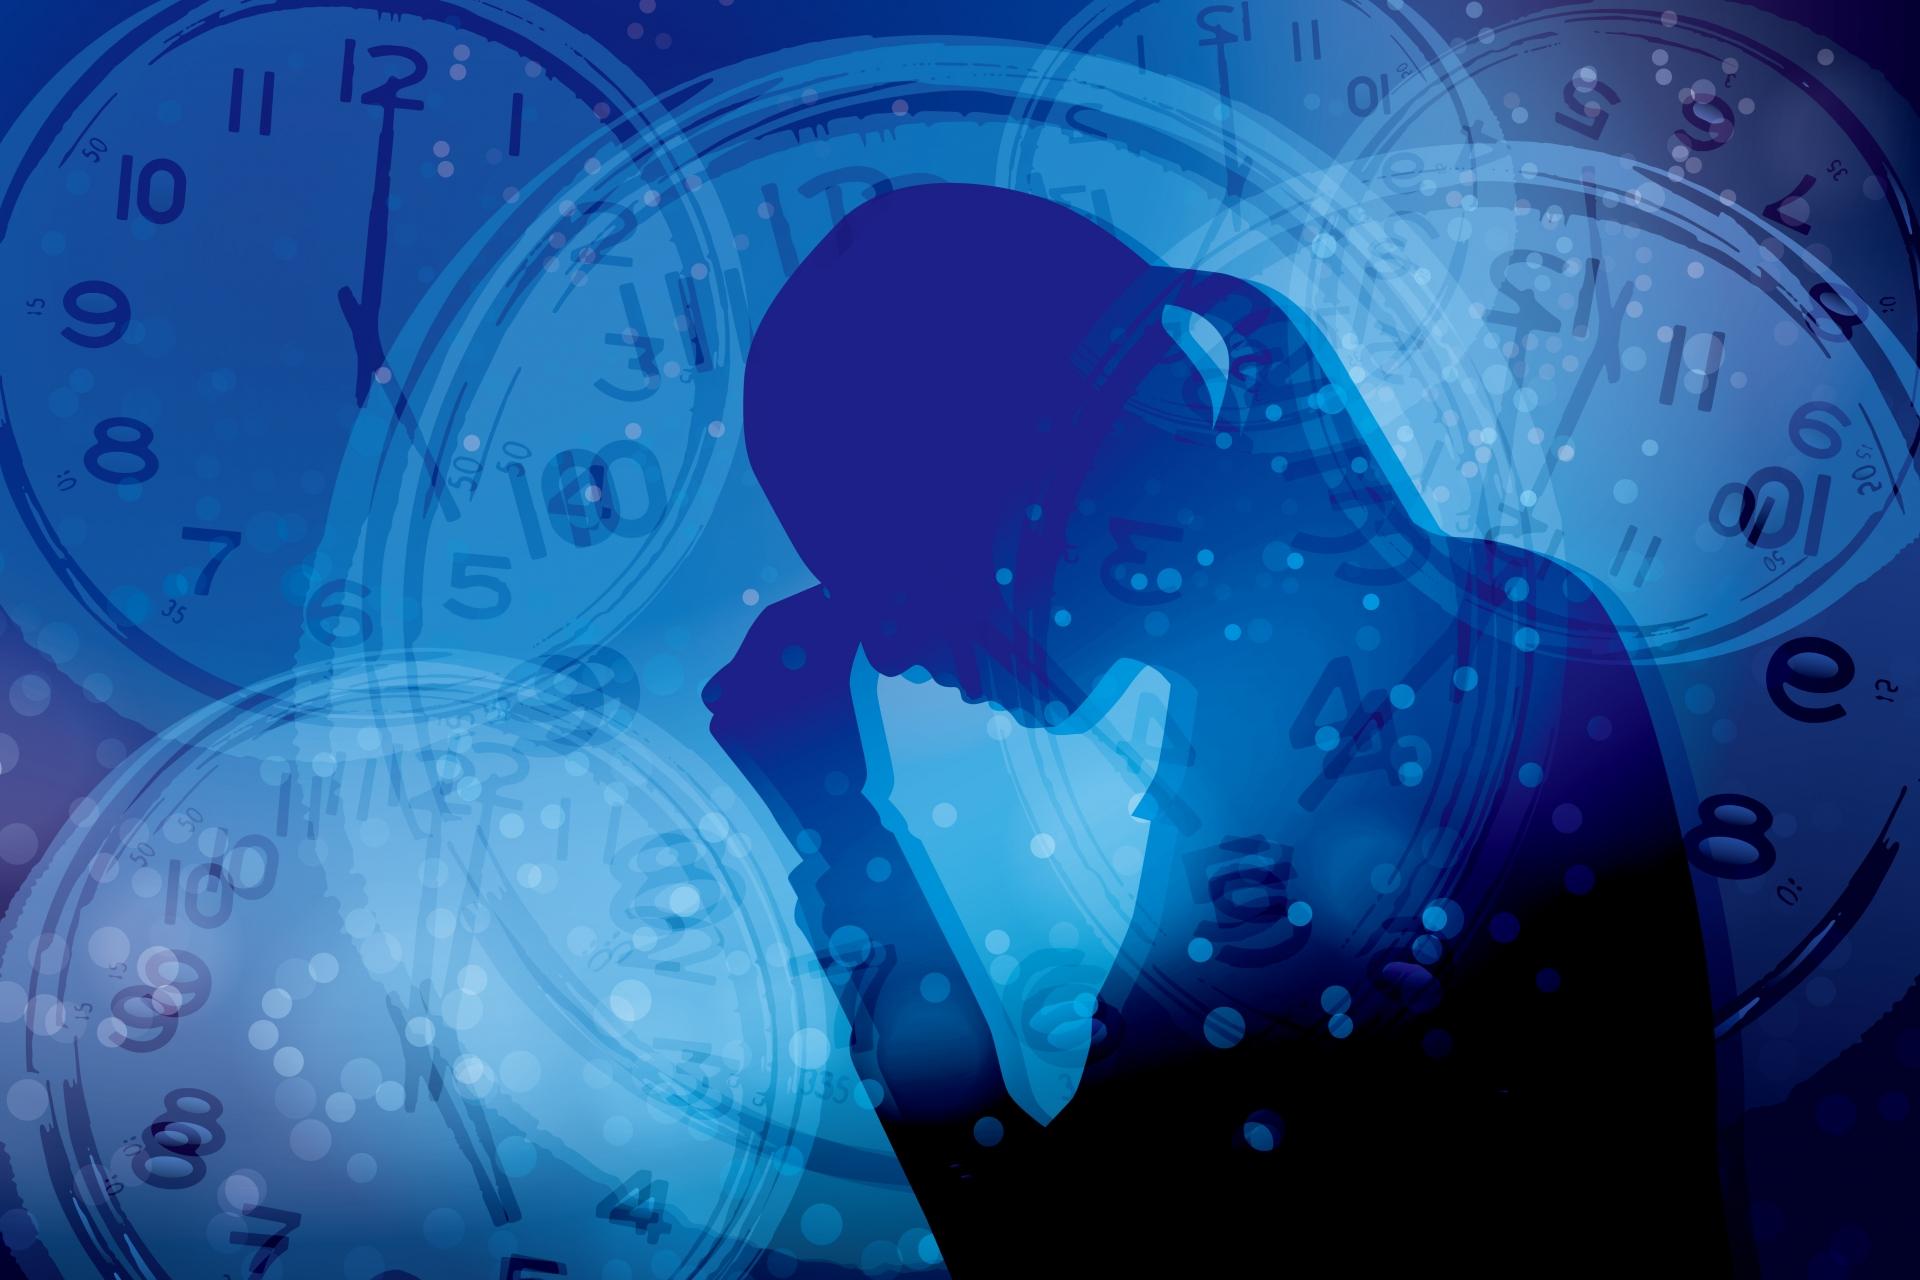 職場の人間関係がストレスで会社をやめたい時、試してほしい対処法。